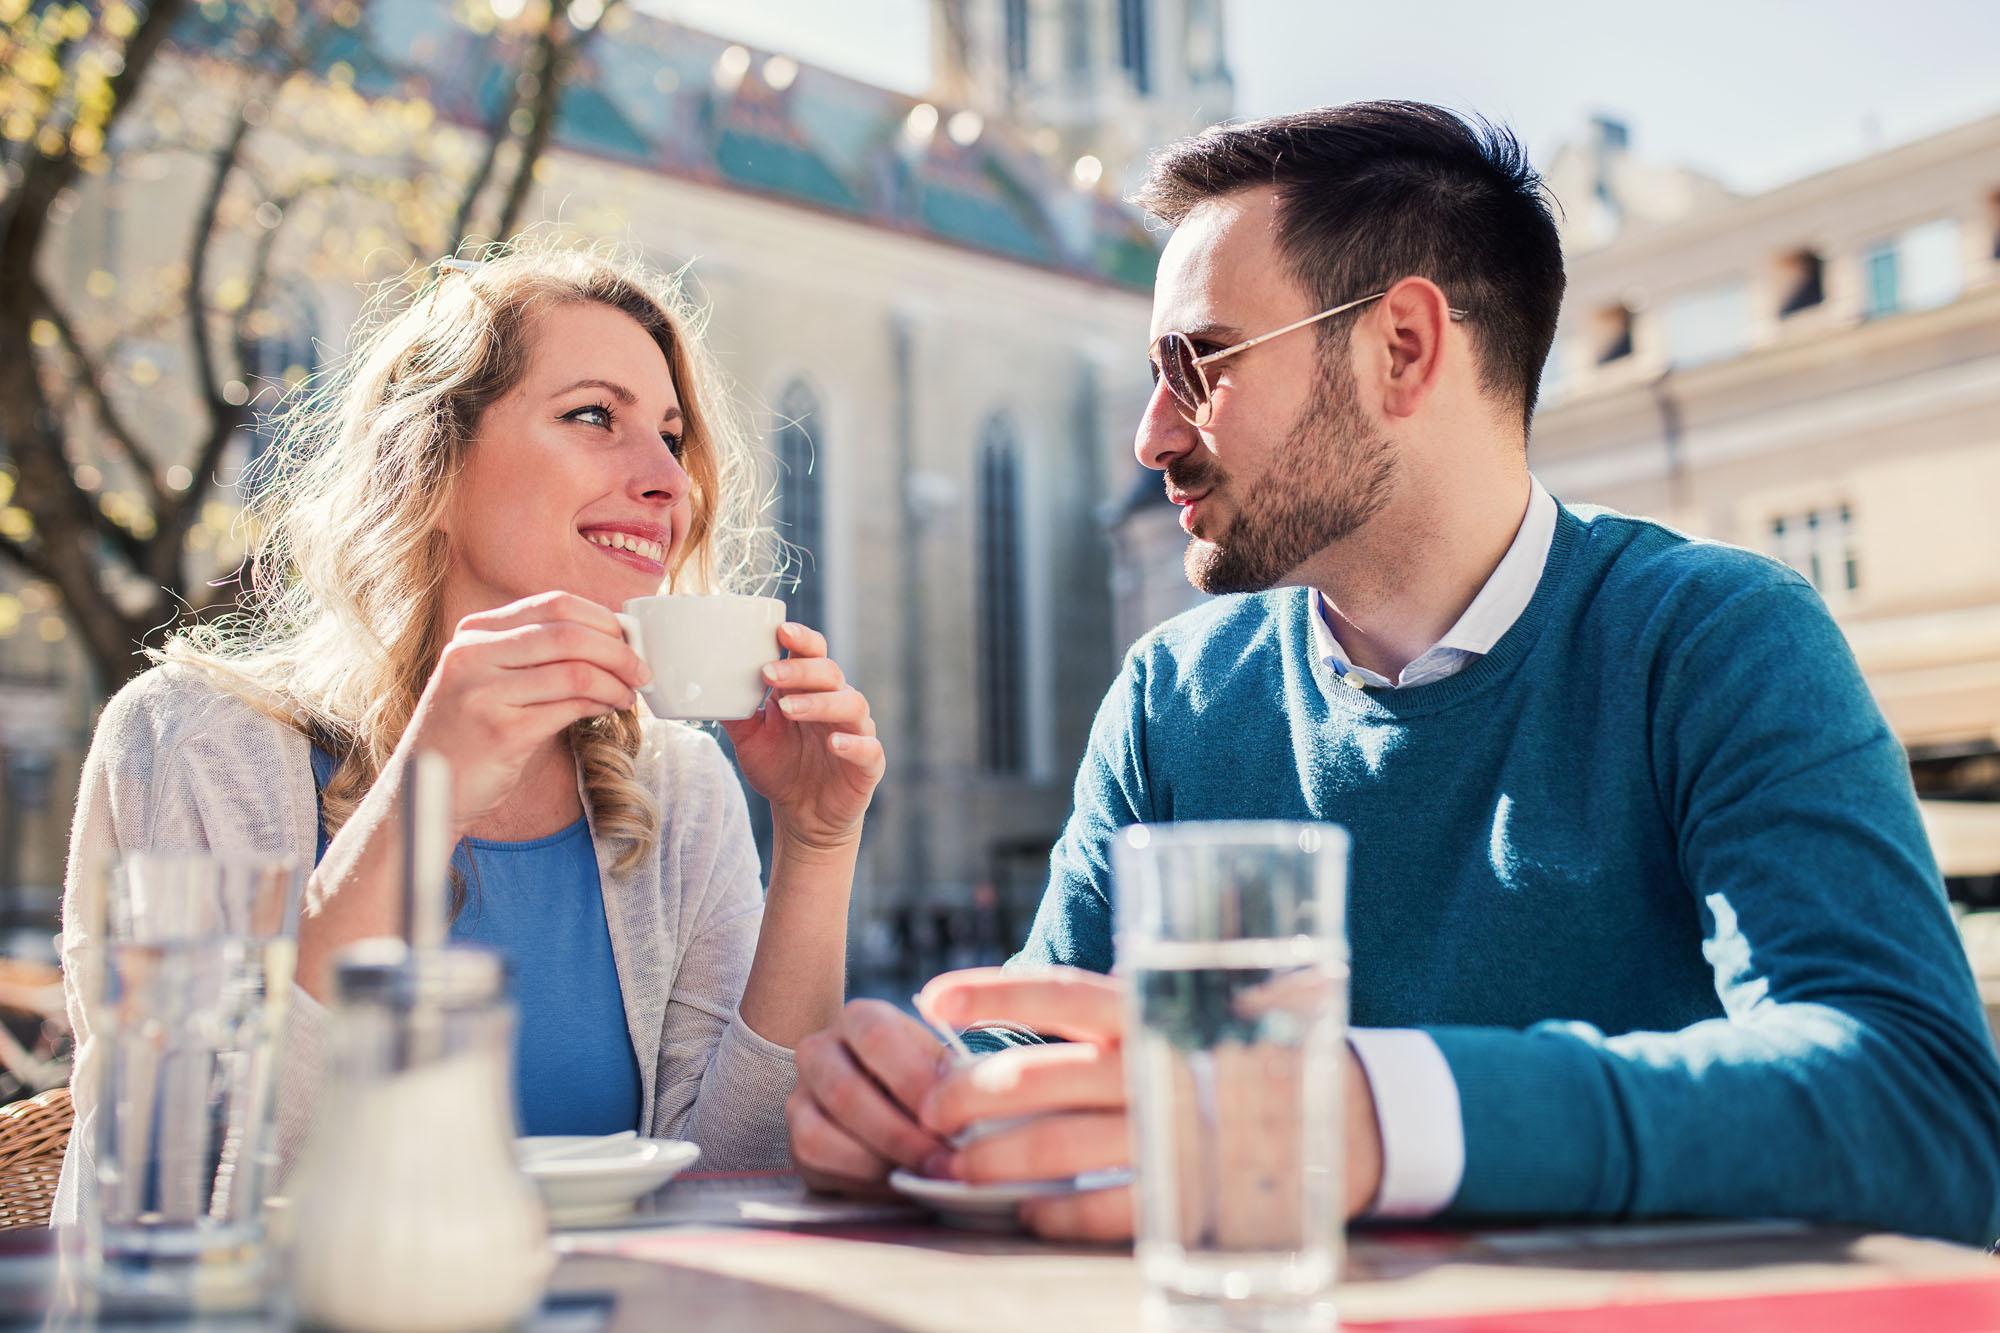 Frau und Mann unterhalten sich bei einem Kaffee